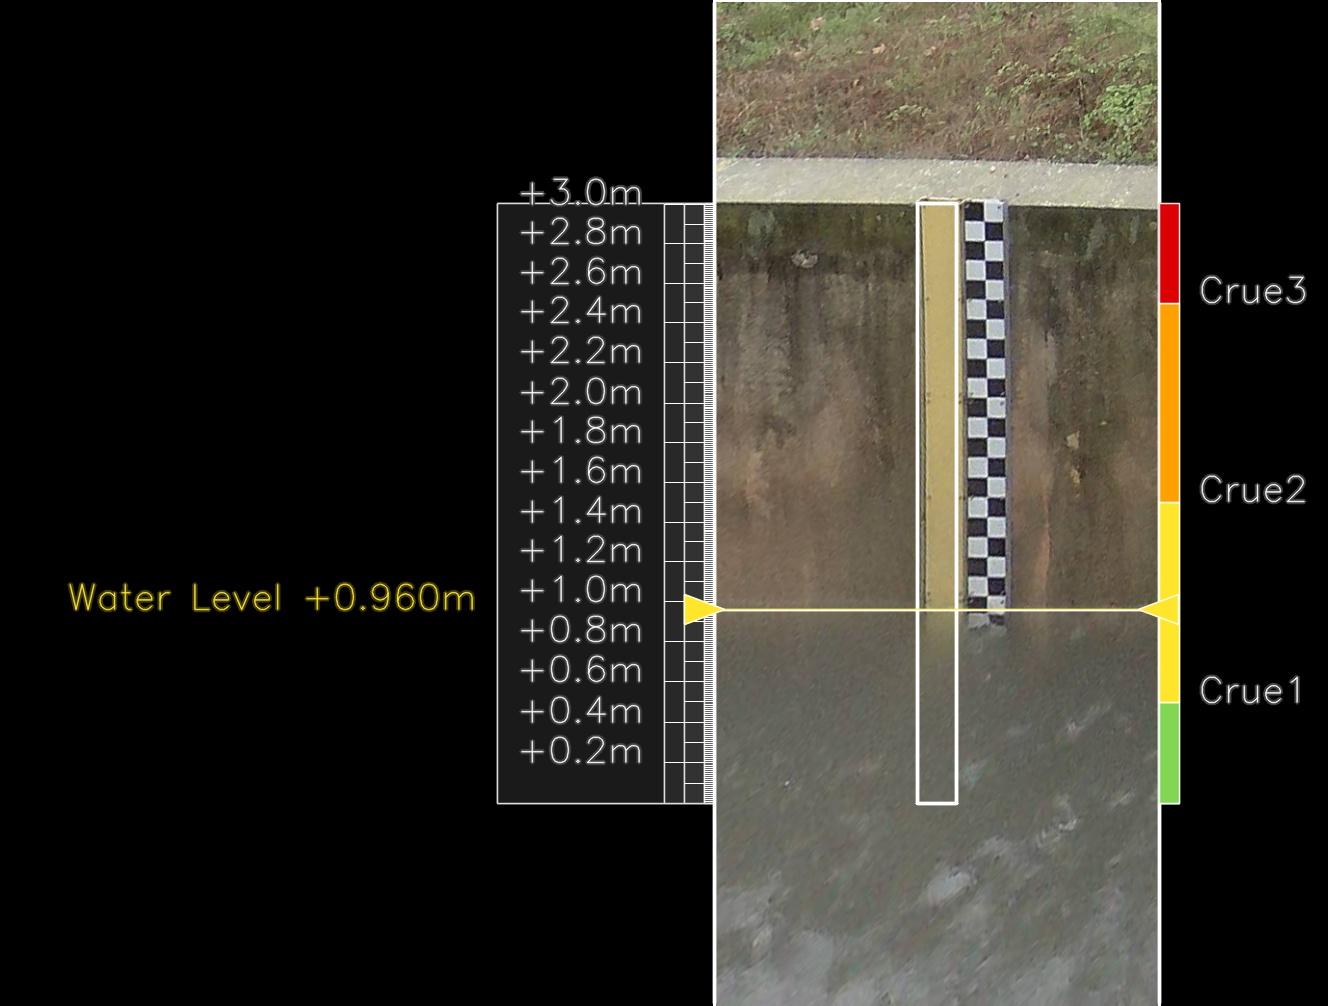 Capteur Cam Level Mesure De Hauteur Et Niveau Deau Par Camra Numeric Water Indicator Liquid Sensor Circuit Metric Measurement Of Levels Limnimetric Reference